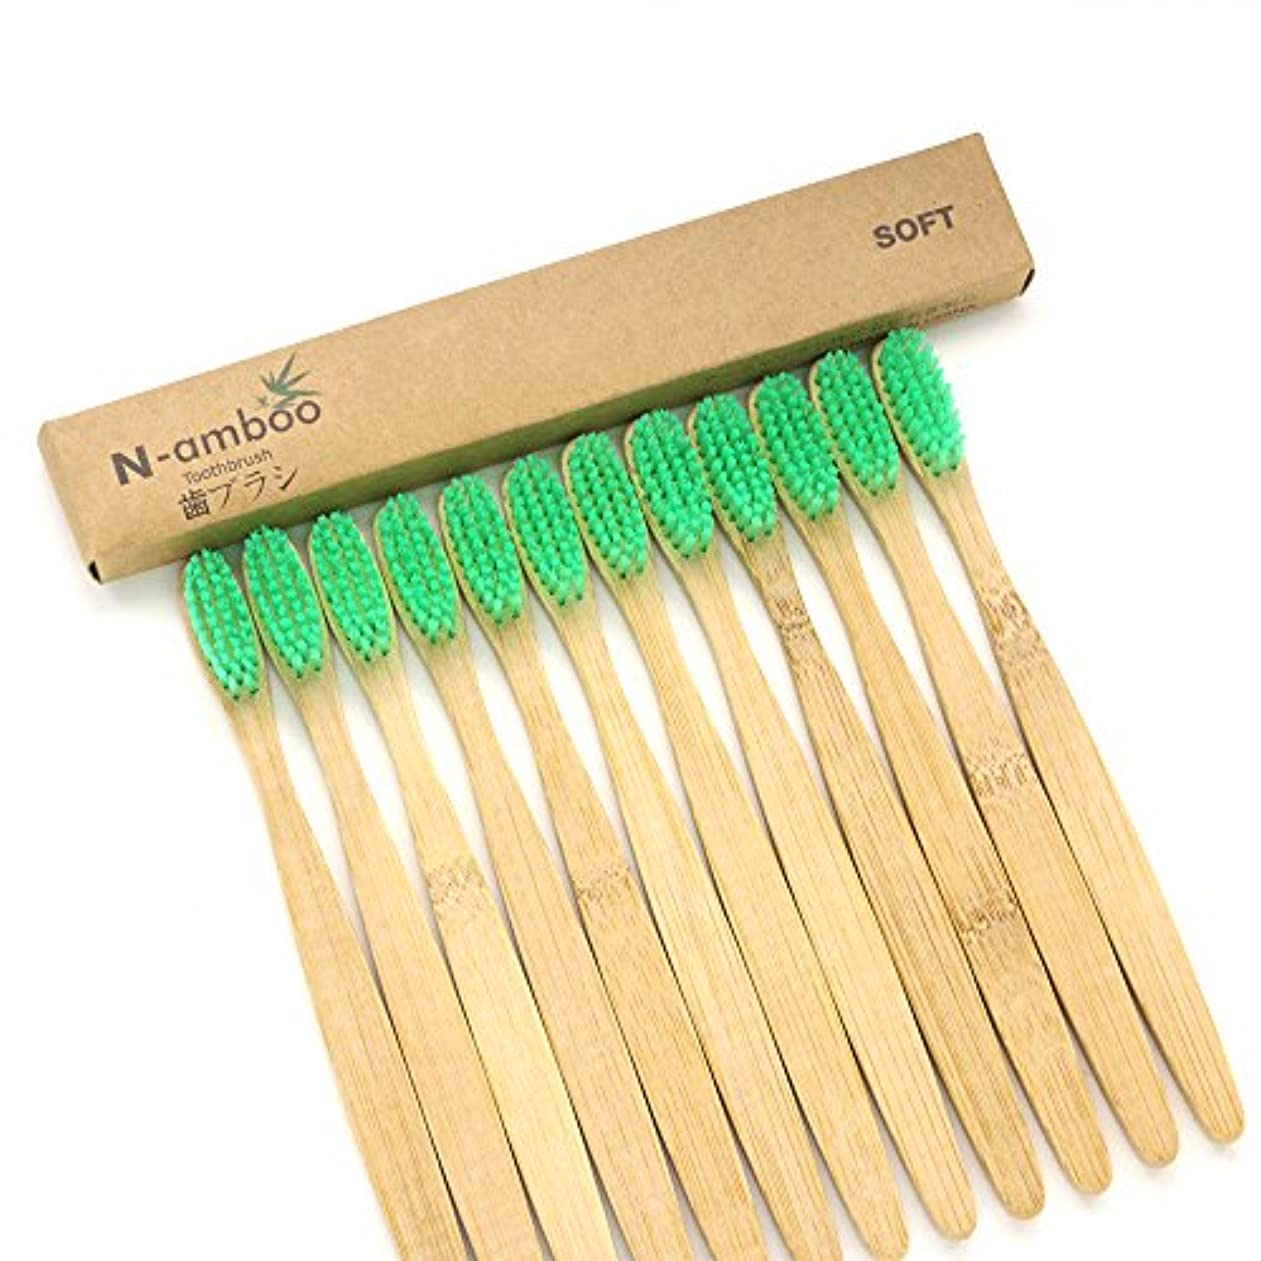 うなり声手入れ磁気N-amboo 竹製 歯ブラシ 高耐久性 セット エコ 軽量 12本入り 緑 セット